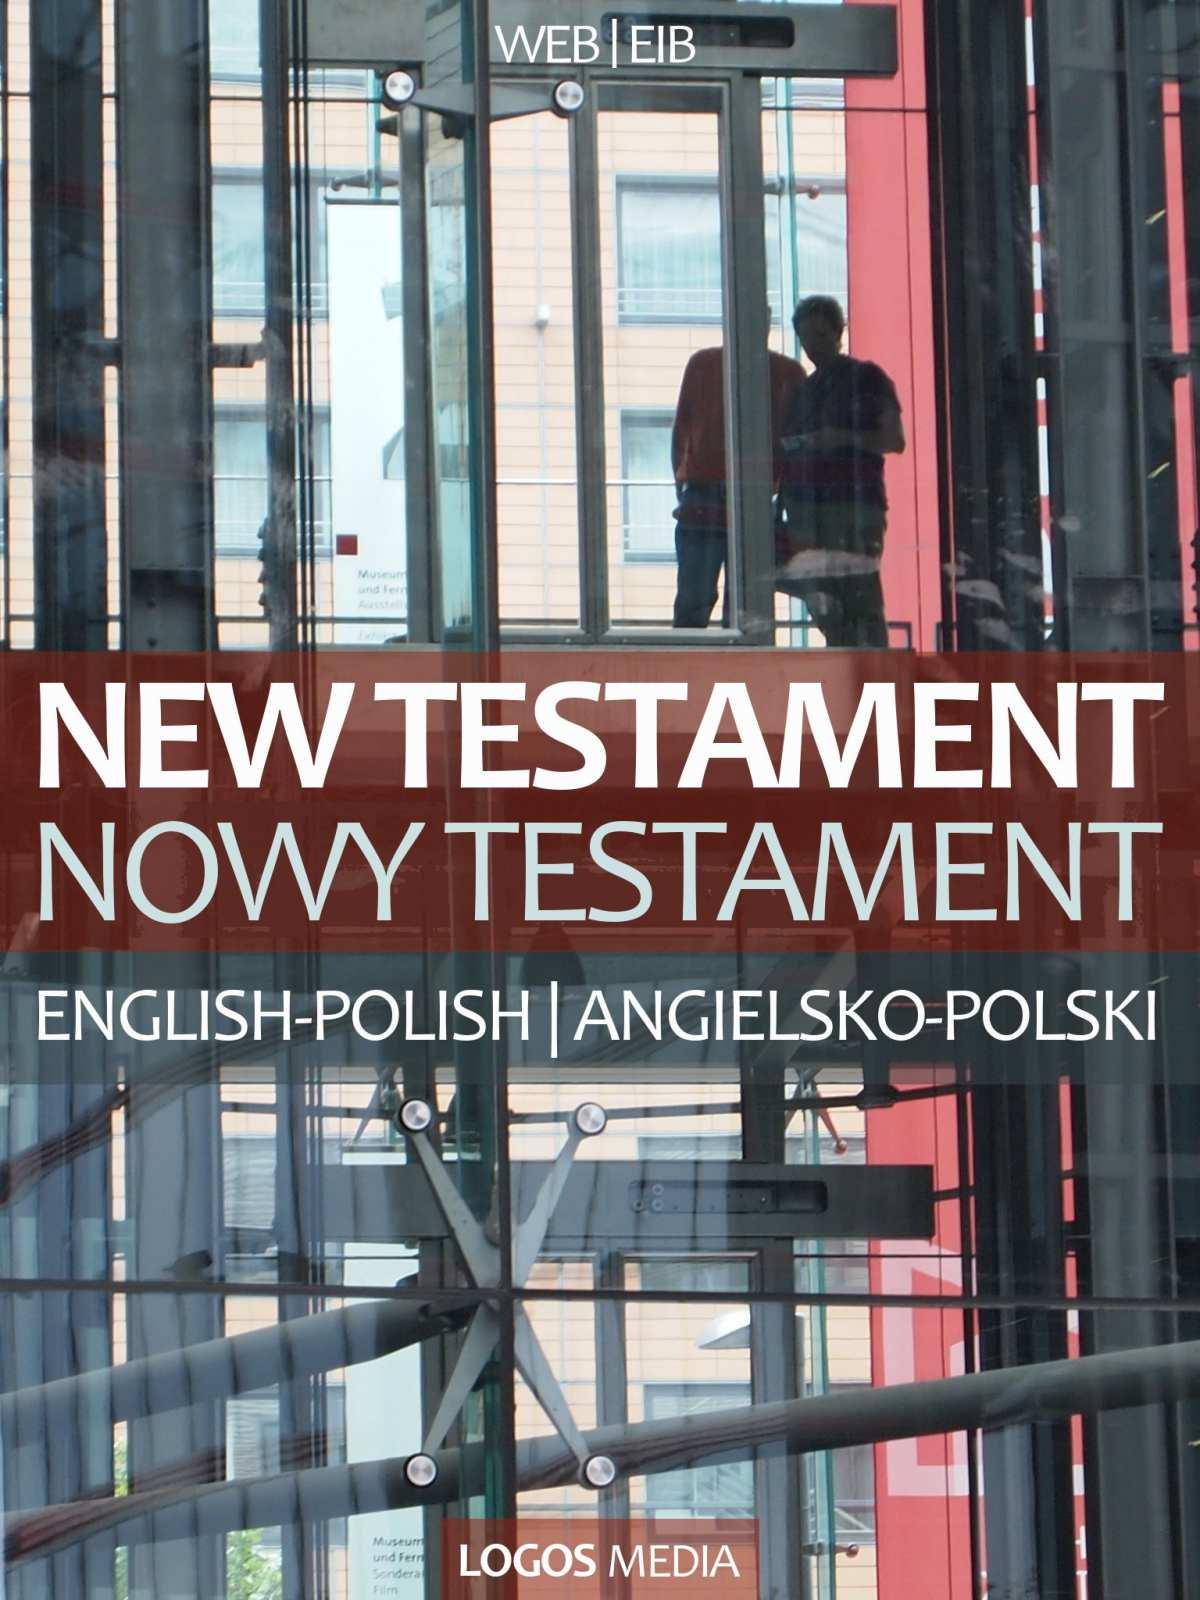 New Testament, English-Polish / Nowy Testament, angielsko-polski - Ebook (Książka EPUB) do pobrania w formacie EPUB